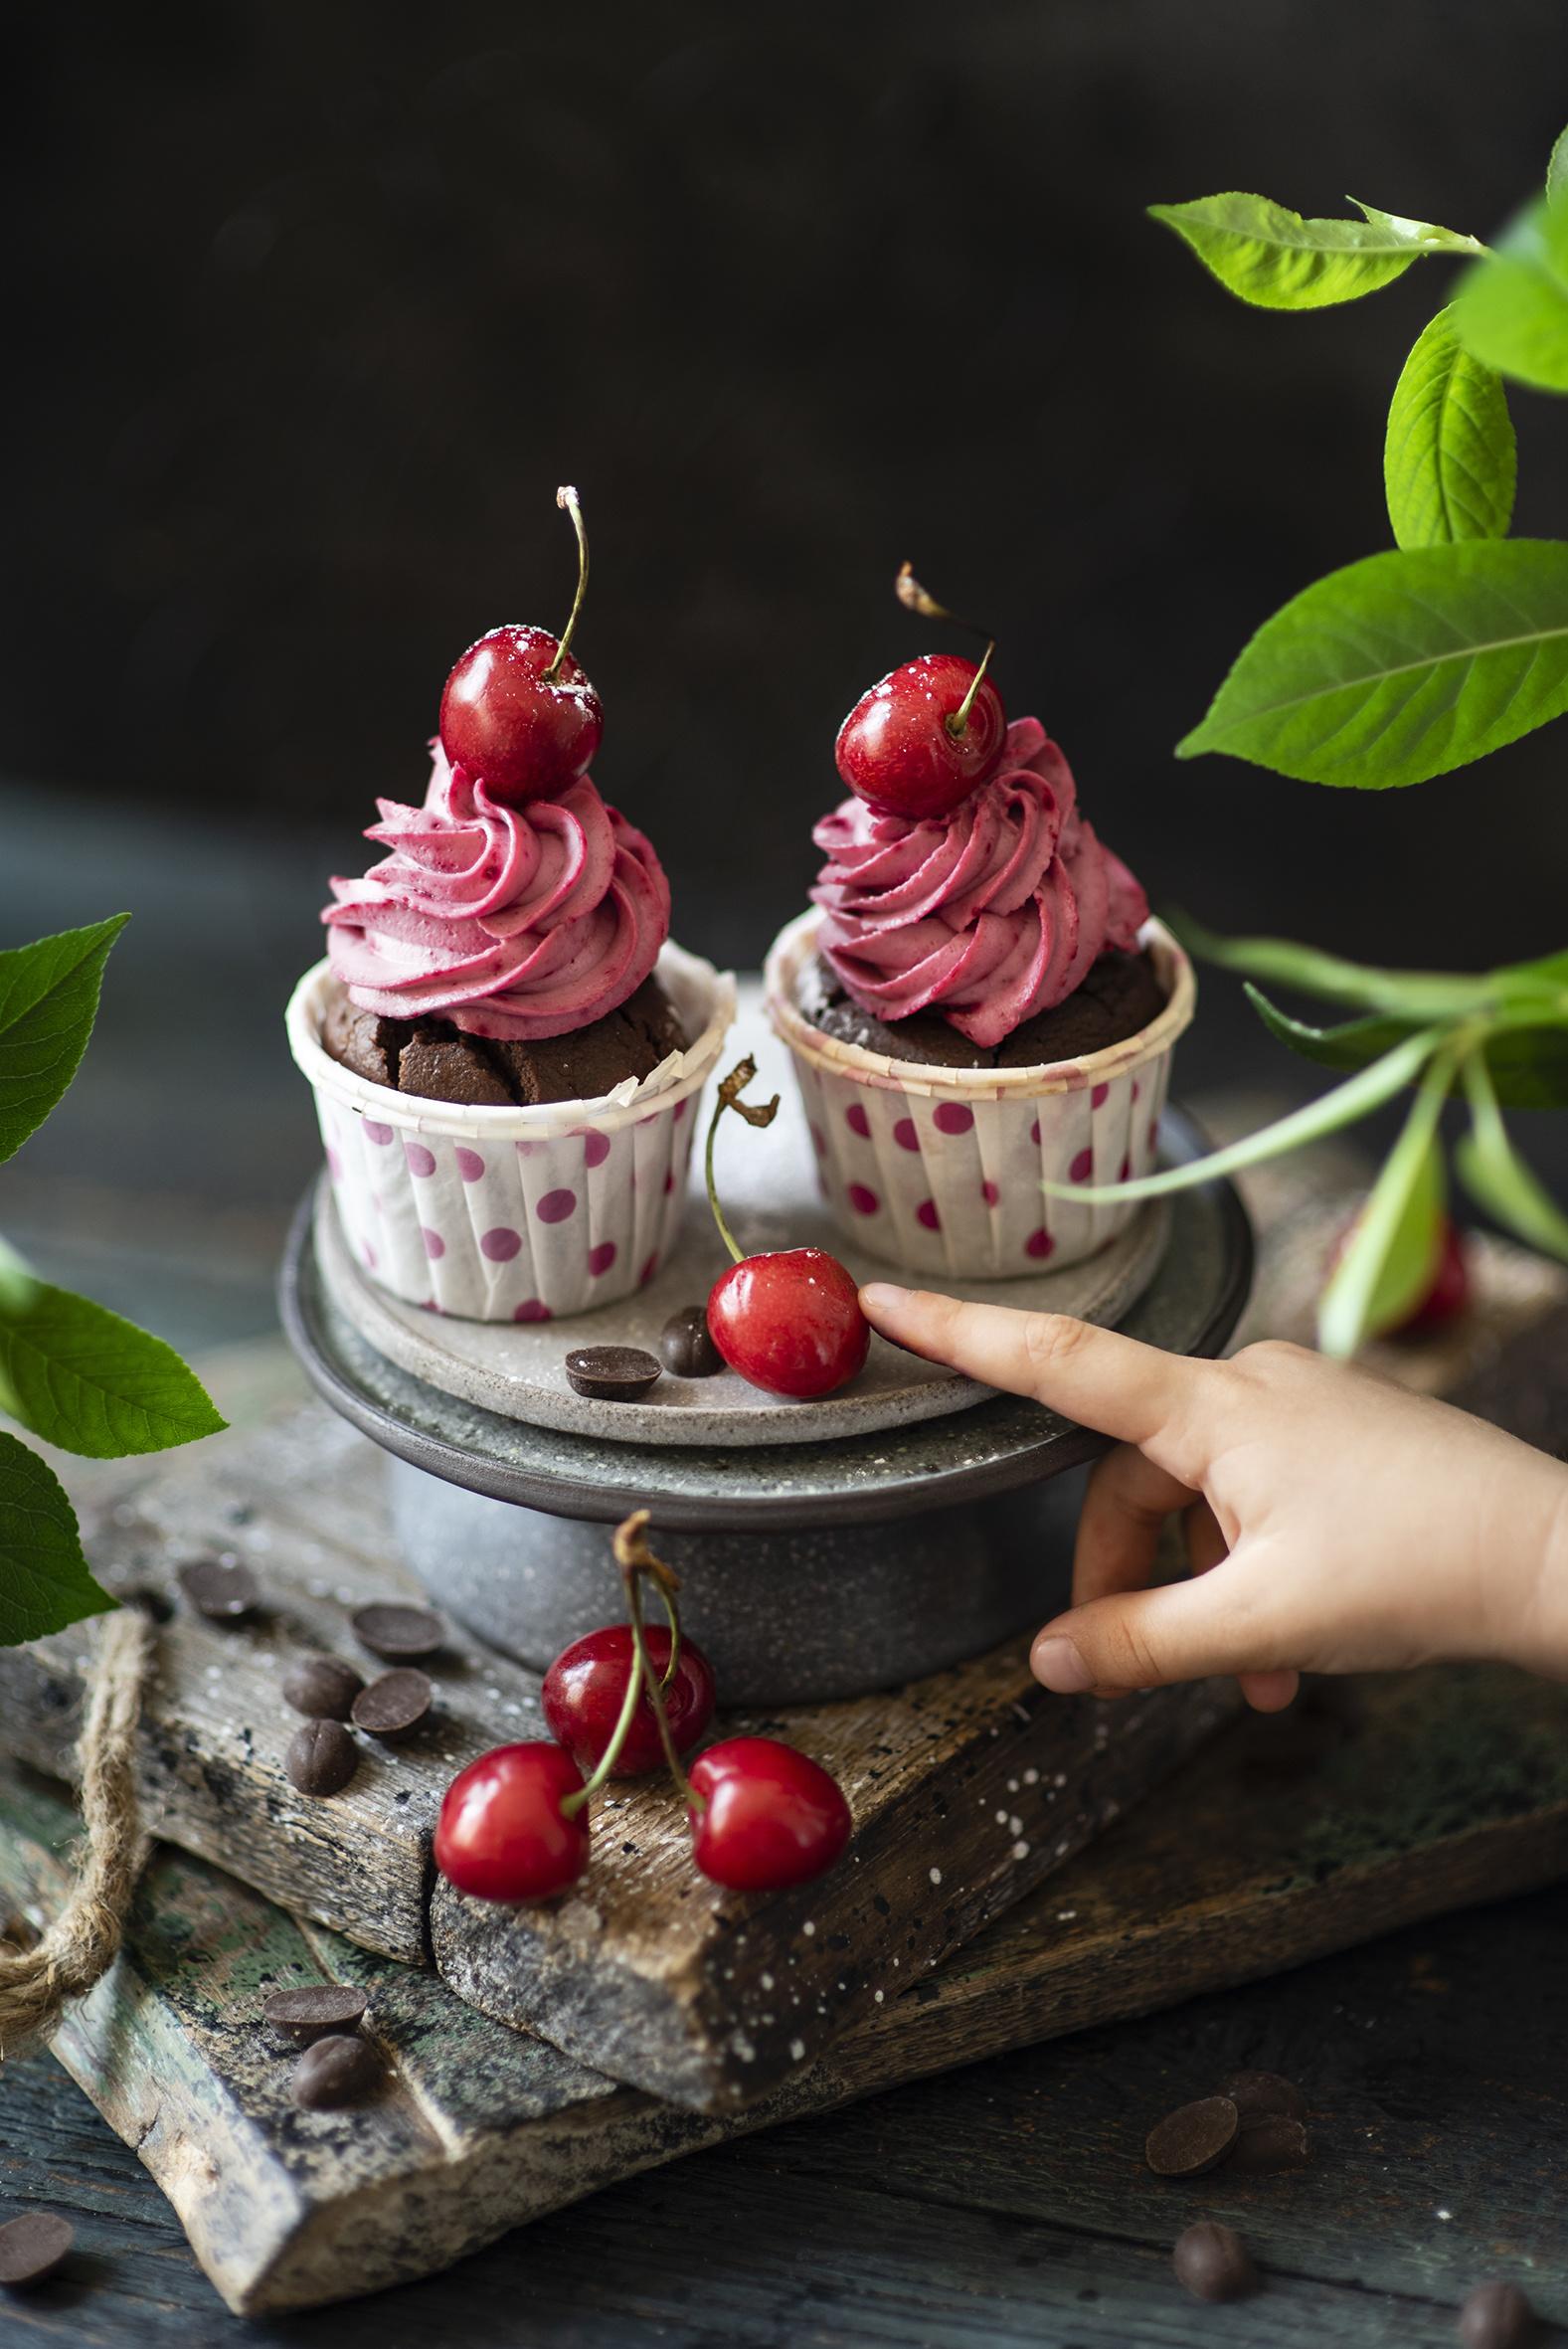 Фото Двое Капкейк кекс Черешня Пища Доски  для мобильного телефона 2 два две вдвоем Вишня Еда Продукты питания